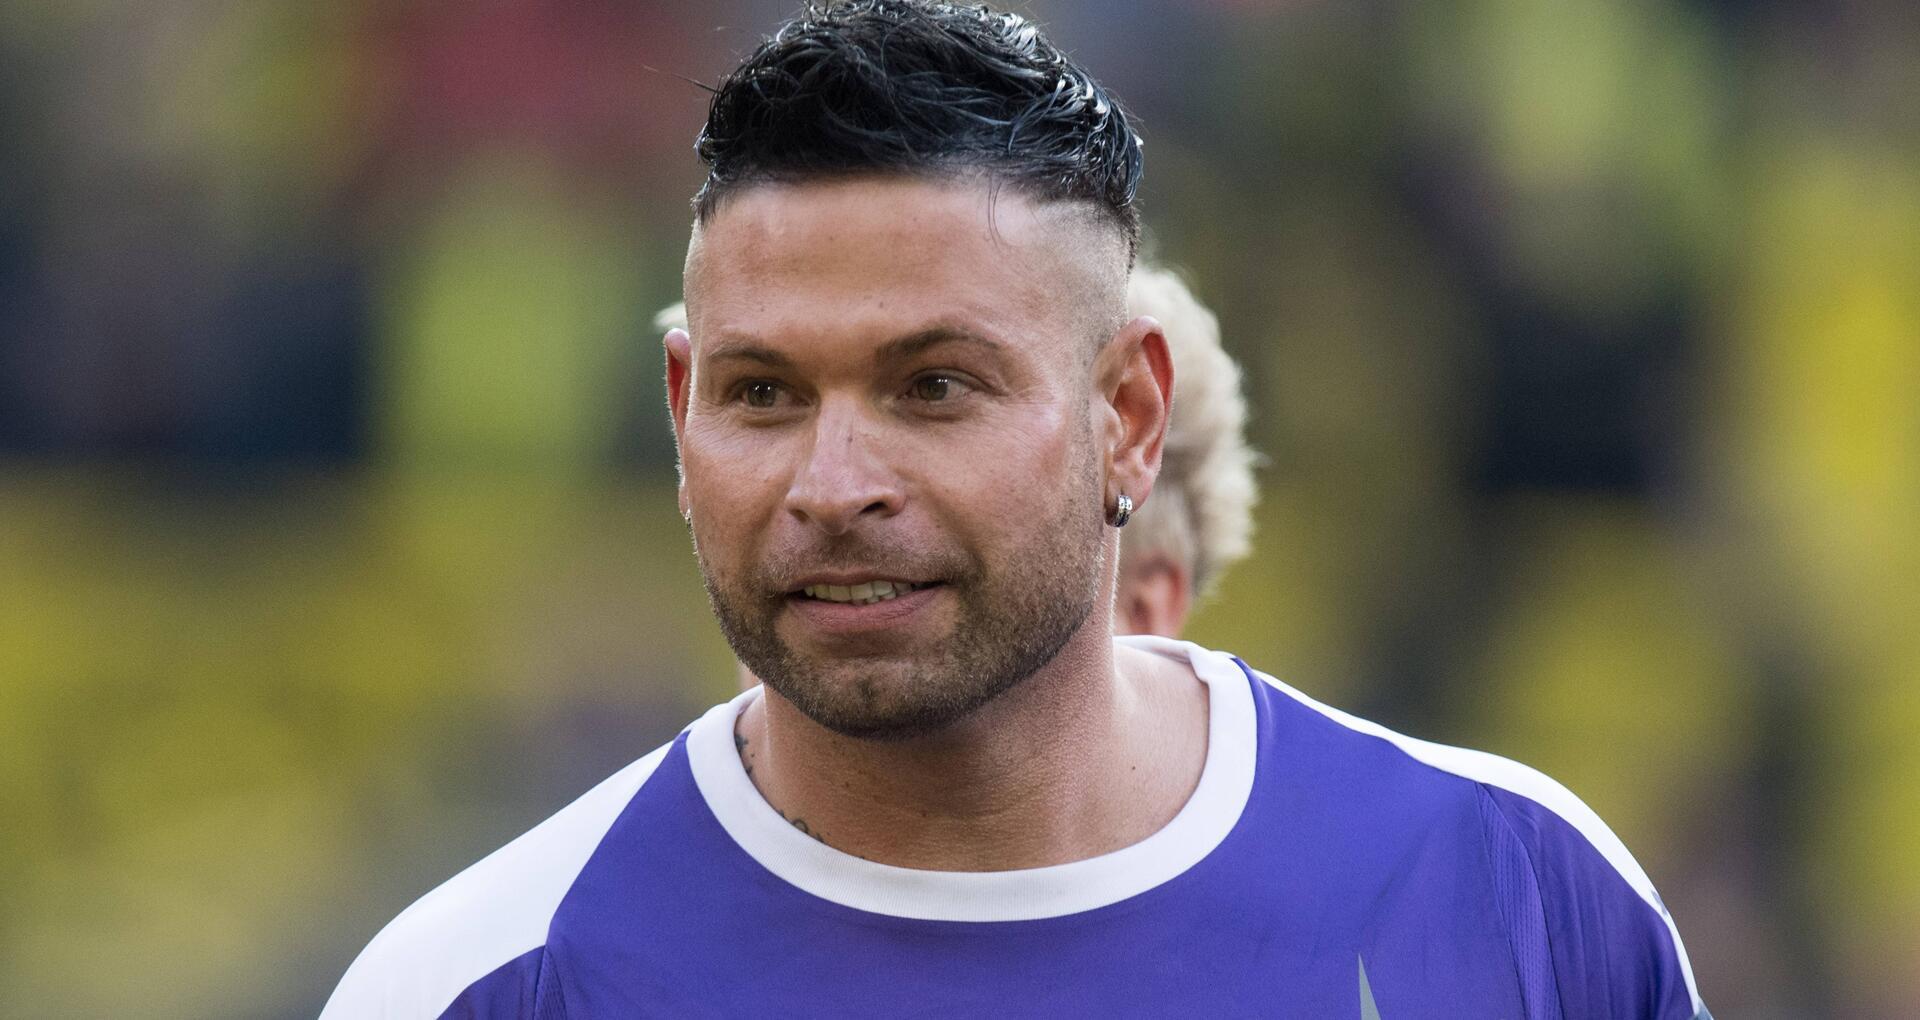 Bild zu Tim Wiese spielte früher bei Werder Bremen als Torwart.